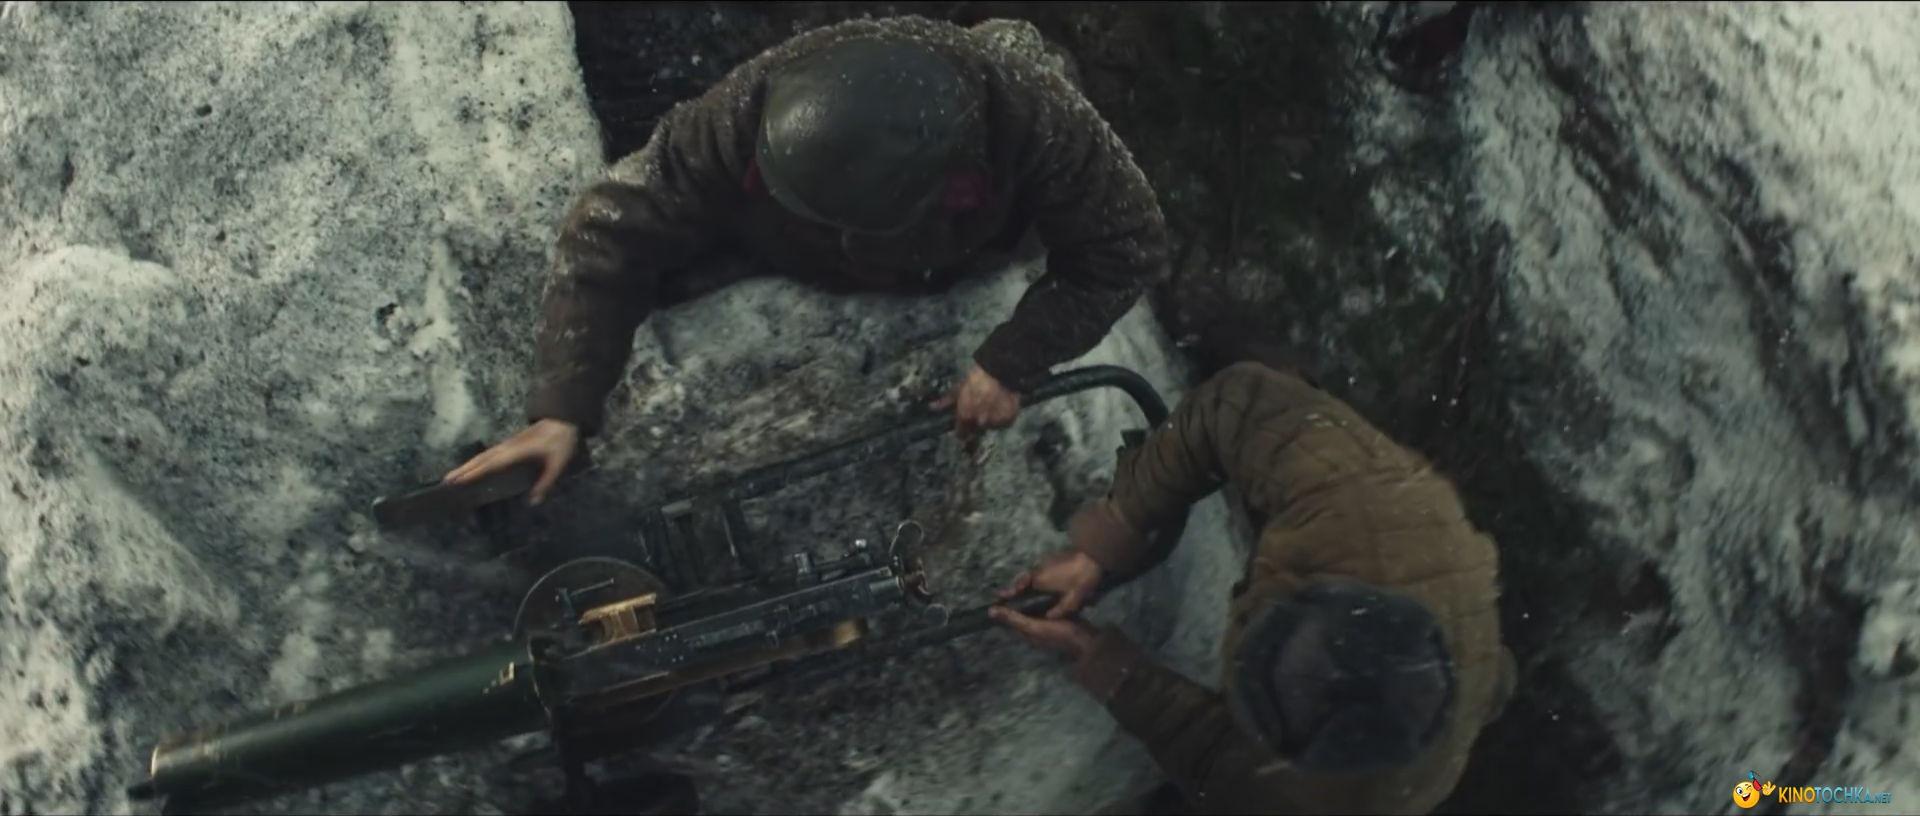 Военные фильмы смотреть онлайн в хорошем качестве 720 hd